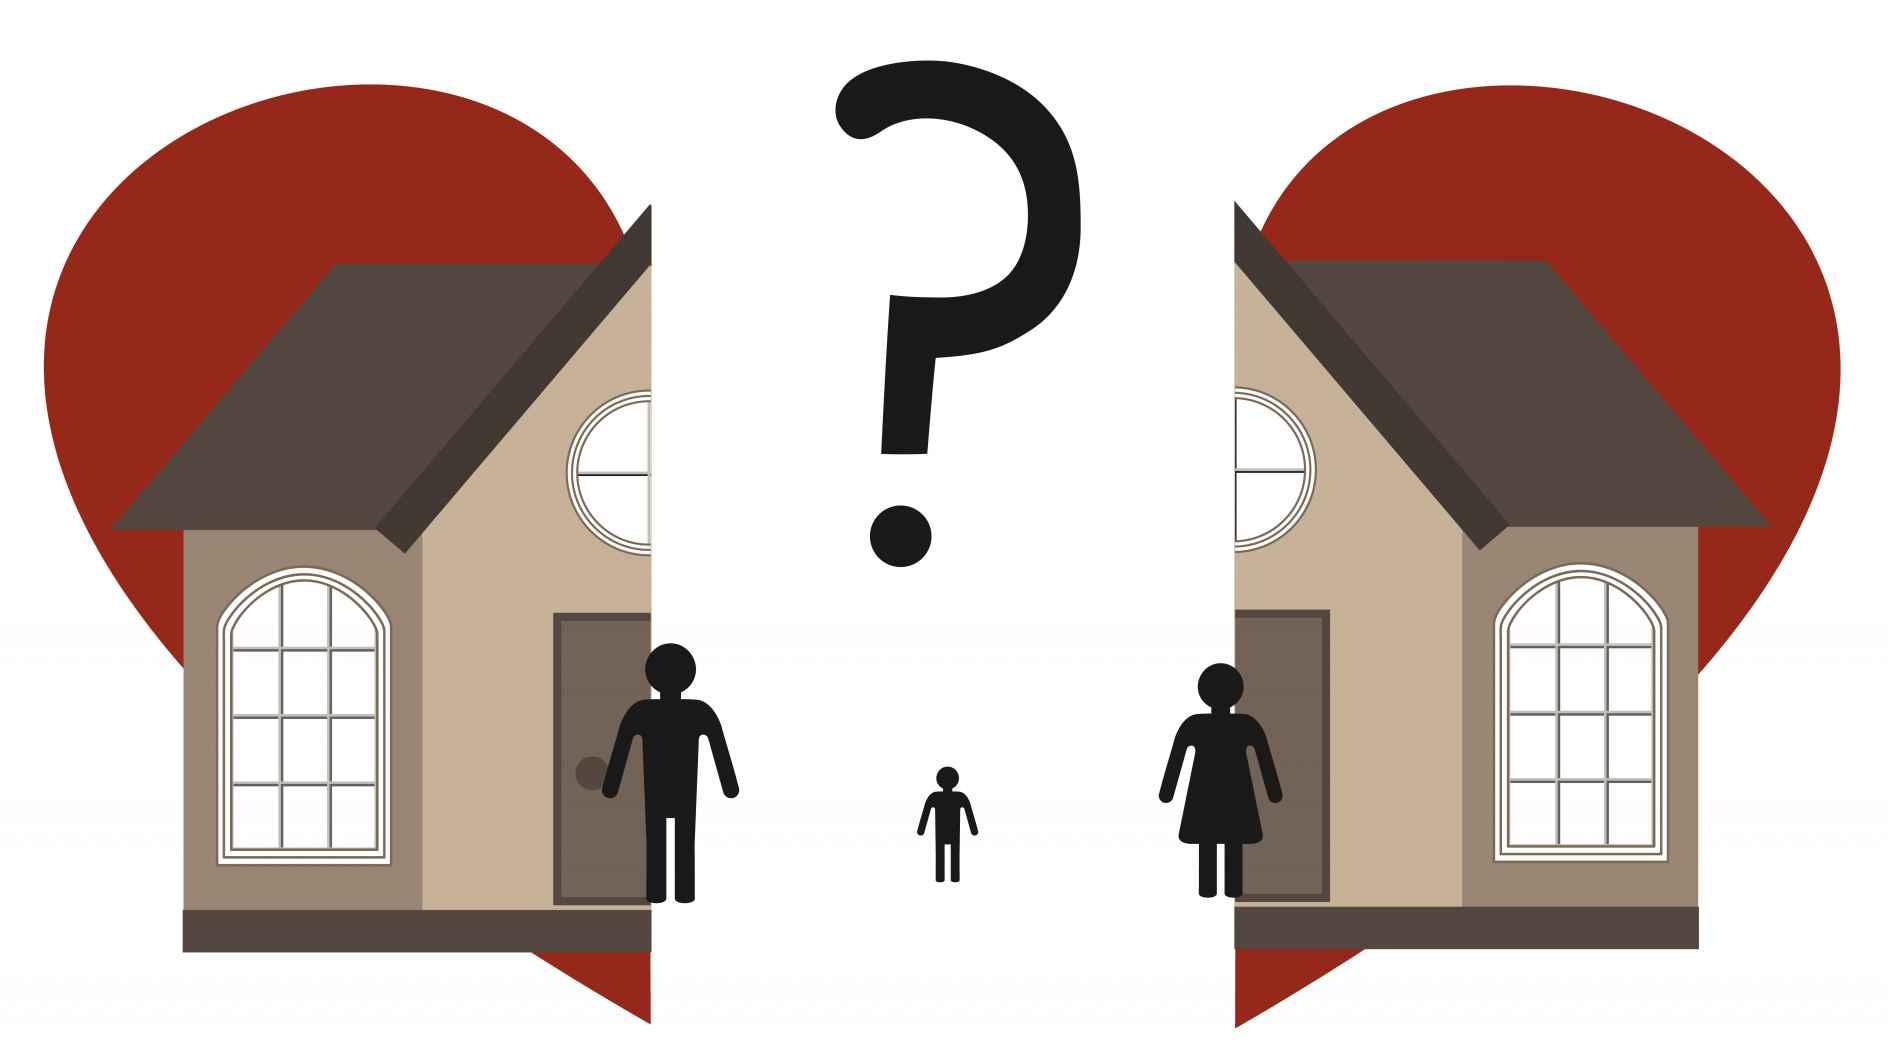 Skilsmisse - Min skilsmisserådgivning og terapi for skilte er et tilbud til dig, der enten står midt i en skilsmisse eller har oplevet skilsmisse længere tilbage. Rigtig mange forældre har god gavn af skilsmisserådgivning, som støtter dem til at finde fodfæste igen – til glæde for både dem selv og deres børn. Af samme grund vil jeg også gerne hjælpe dig.Et forløb kan bestå af individuelle eller fælles samtaler. I nogle tilfælde deltager børnene også. Det er dog noget, jeg aftaler med dig.Fælles skilsmisserådgivningEfter et brud er det vigtigste for børn, at deres forældre får etableret et godt samarbejde og har øje for børnenes behov. Fælles skilsmisserådgivning kan udgøre en tryg ramme for, at man kan arbejde på at styrke det fælles forældresamarbejde.Jeg tilbyder skilsmisserådgivning, som kan omhandle:Hvordan fortæller vi det til børnene?Hvordan udvikler vi et godt forældresamarbejde omkring børnene?Hvordan støtter vi vores børn i livet med skilte forældre?